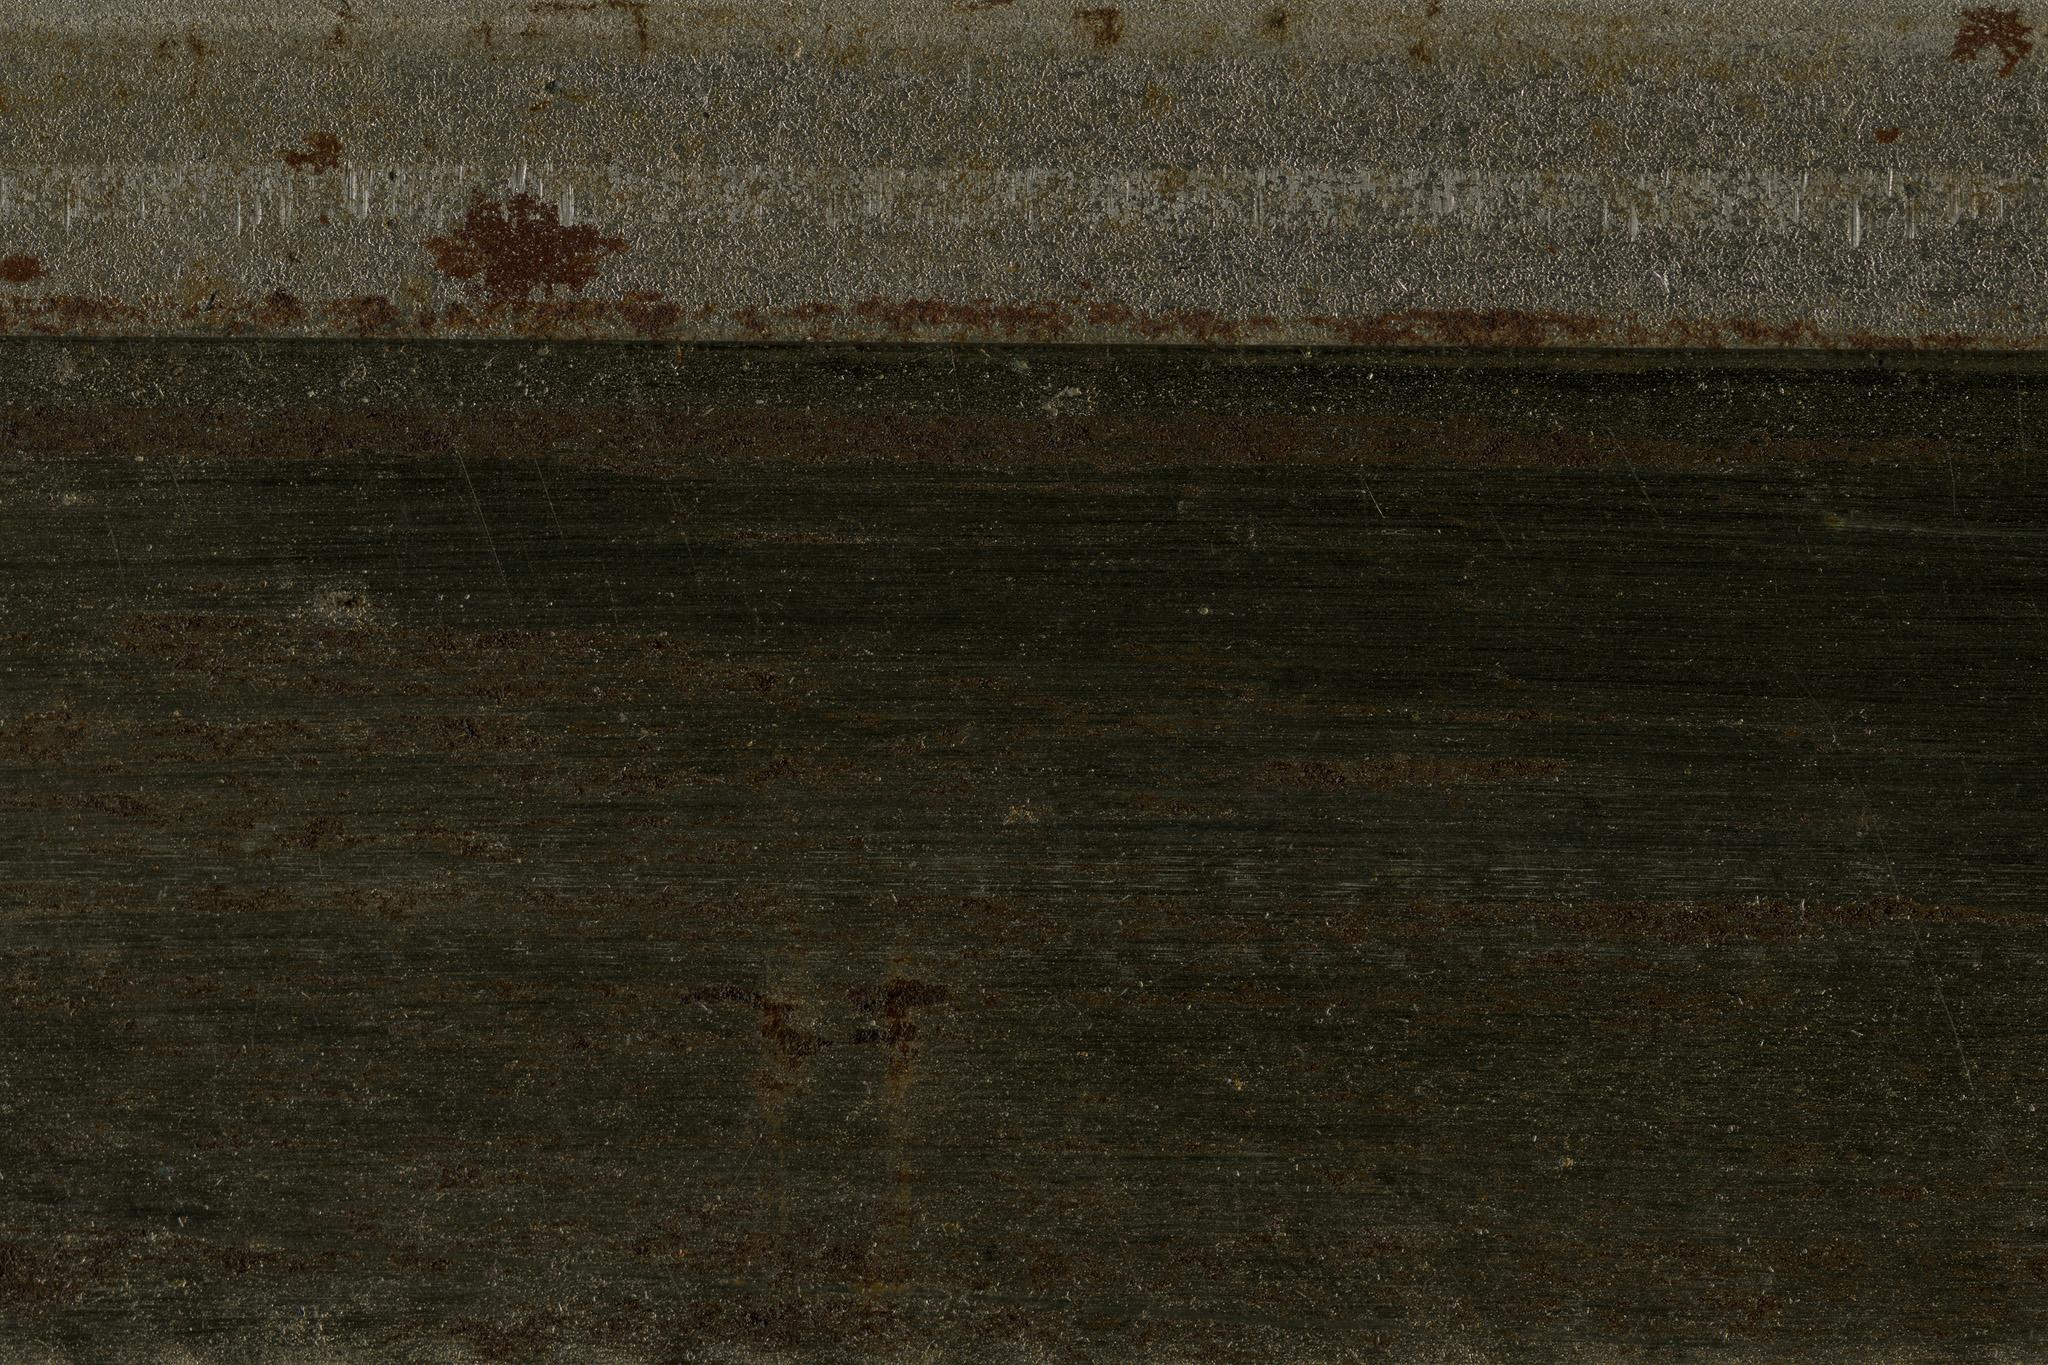 「擦り傷と錆が浮いた鉄」の素材を無料ダウンロード